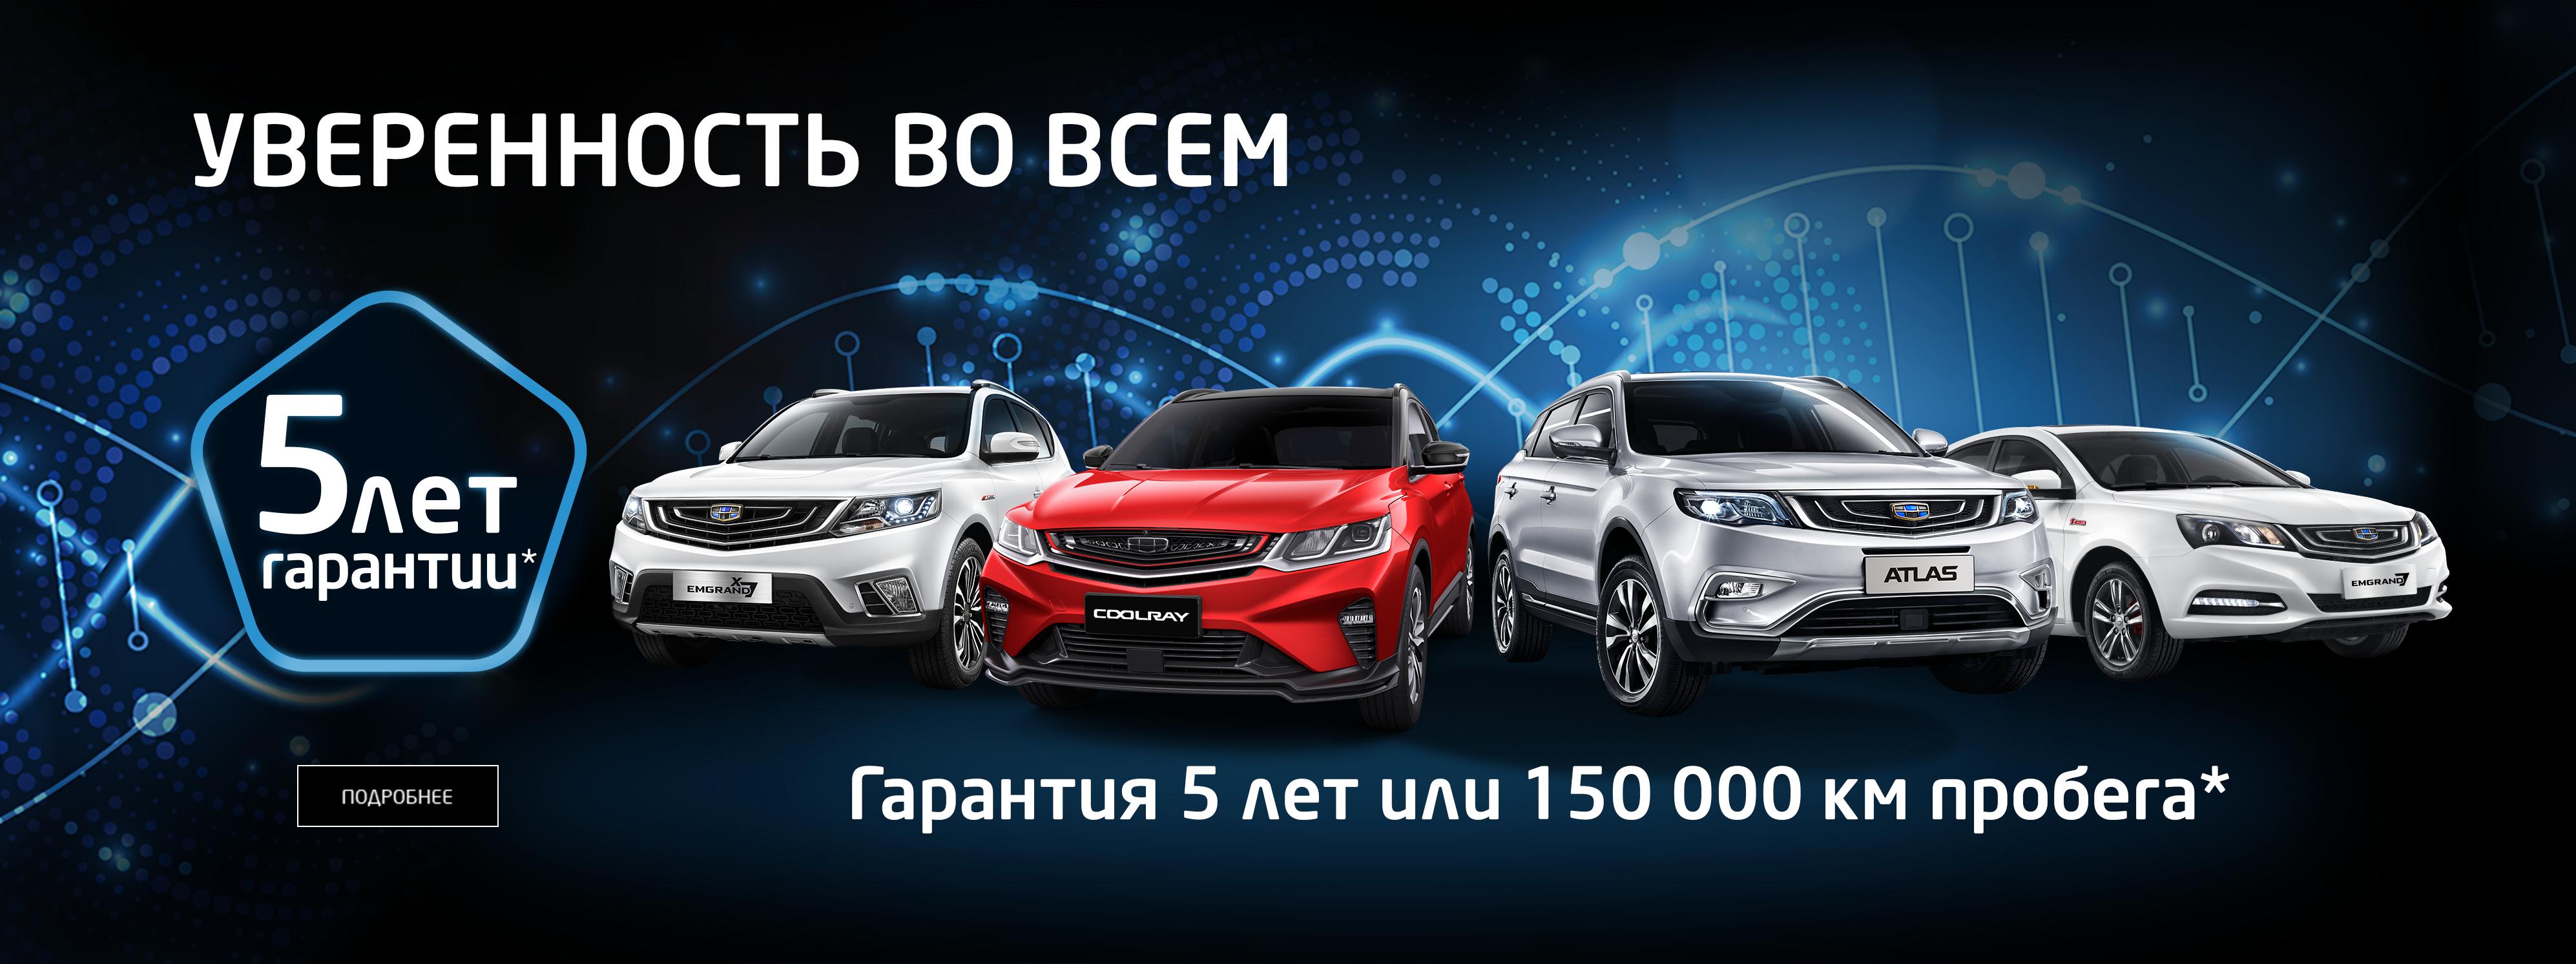 Армада-Авто - официальный дилер Geely в Ульяновске